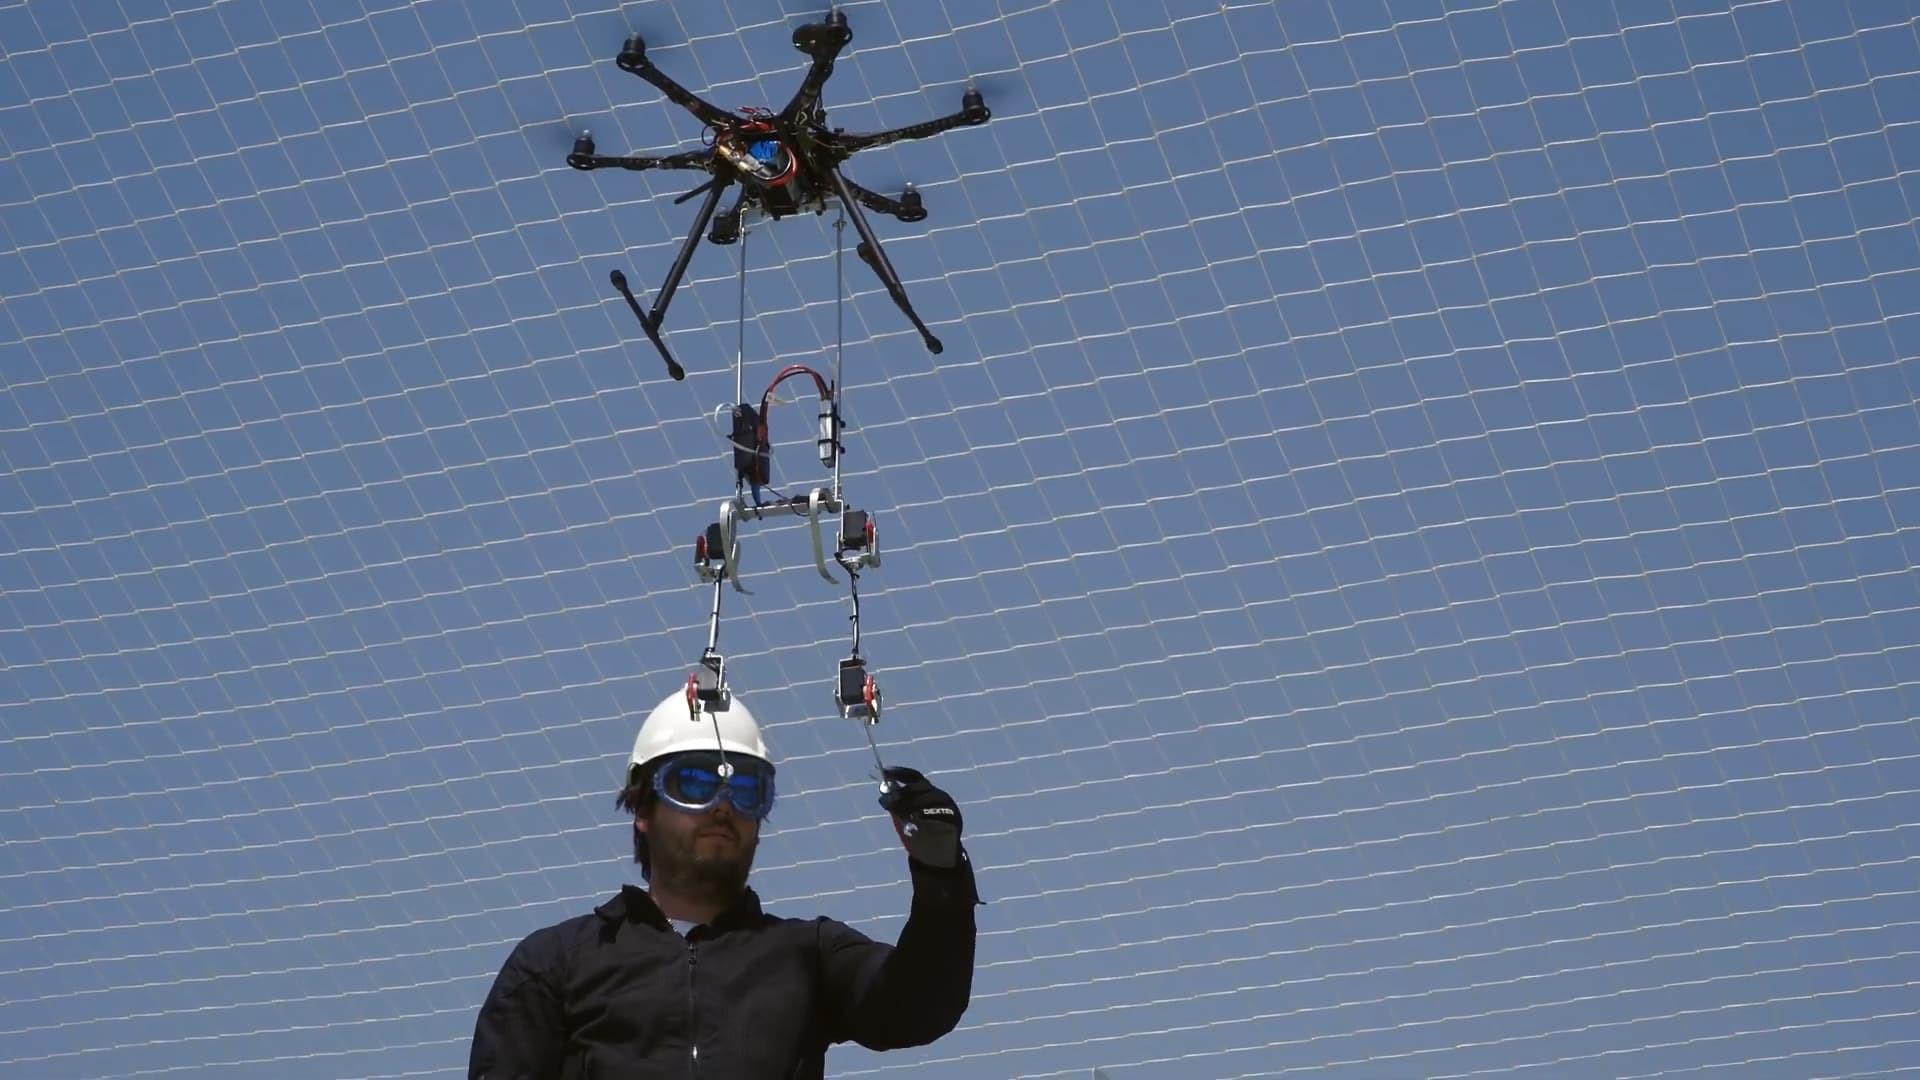 NOTA DE PRENSA: La movilidad aérea urbana impulsará el mercado de servicios de drones en las ciudades, que moverá en España 1250 millones en 2035